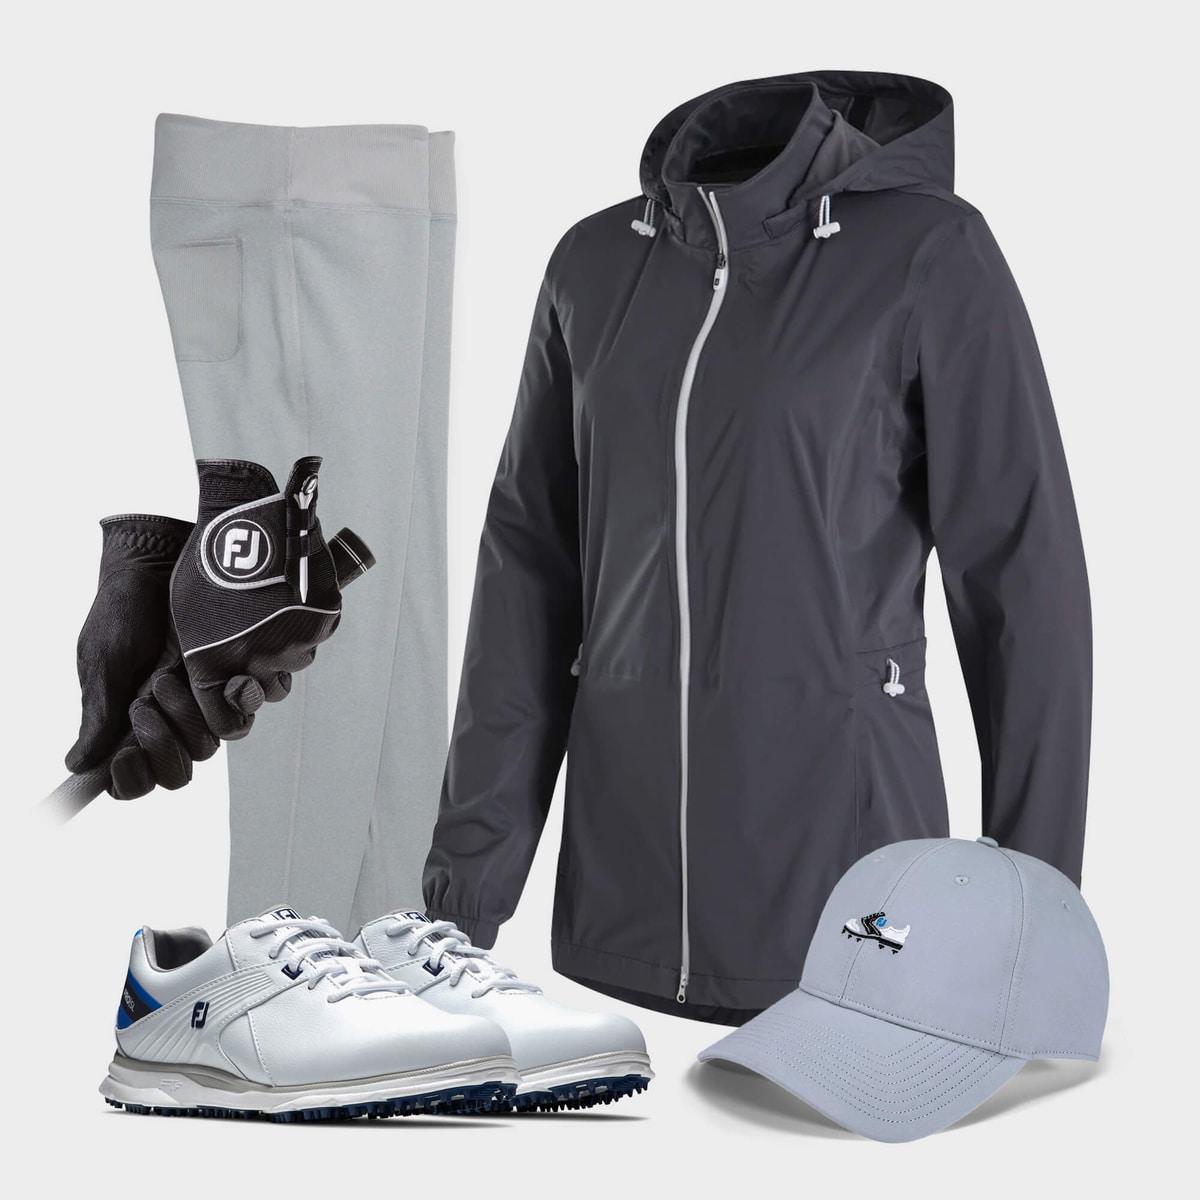 Destination Golfer